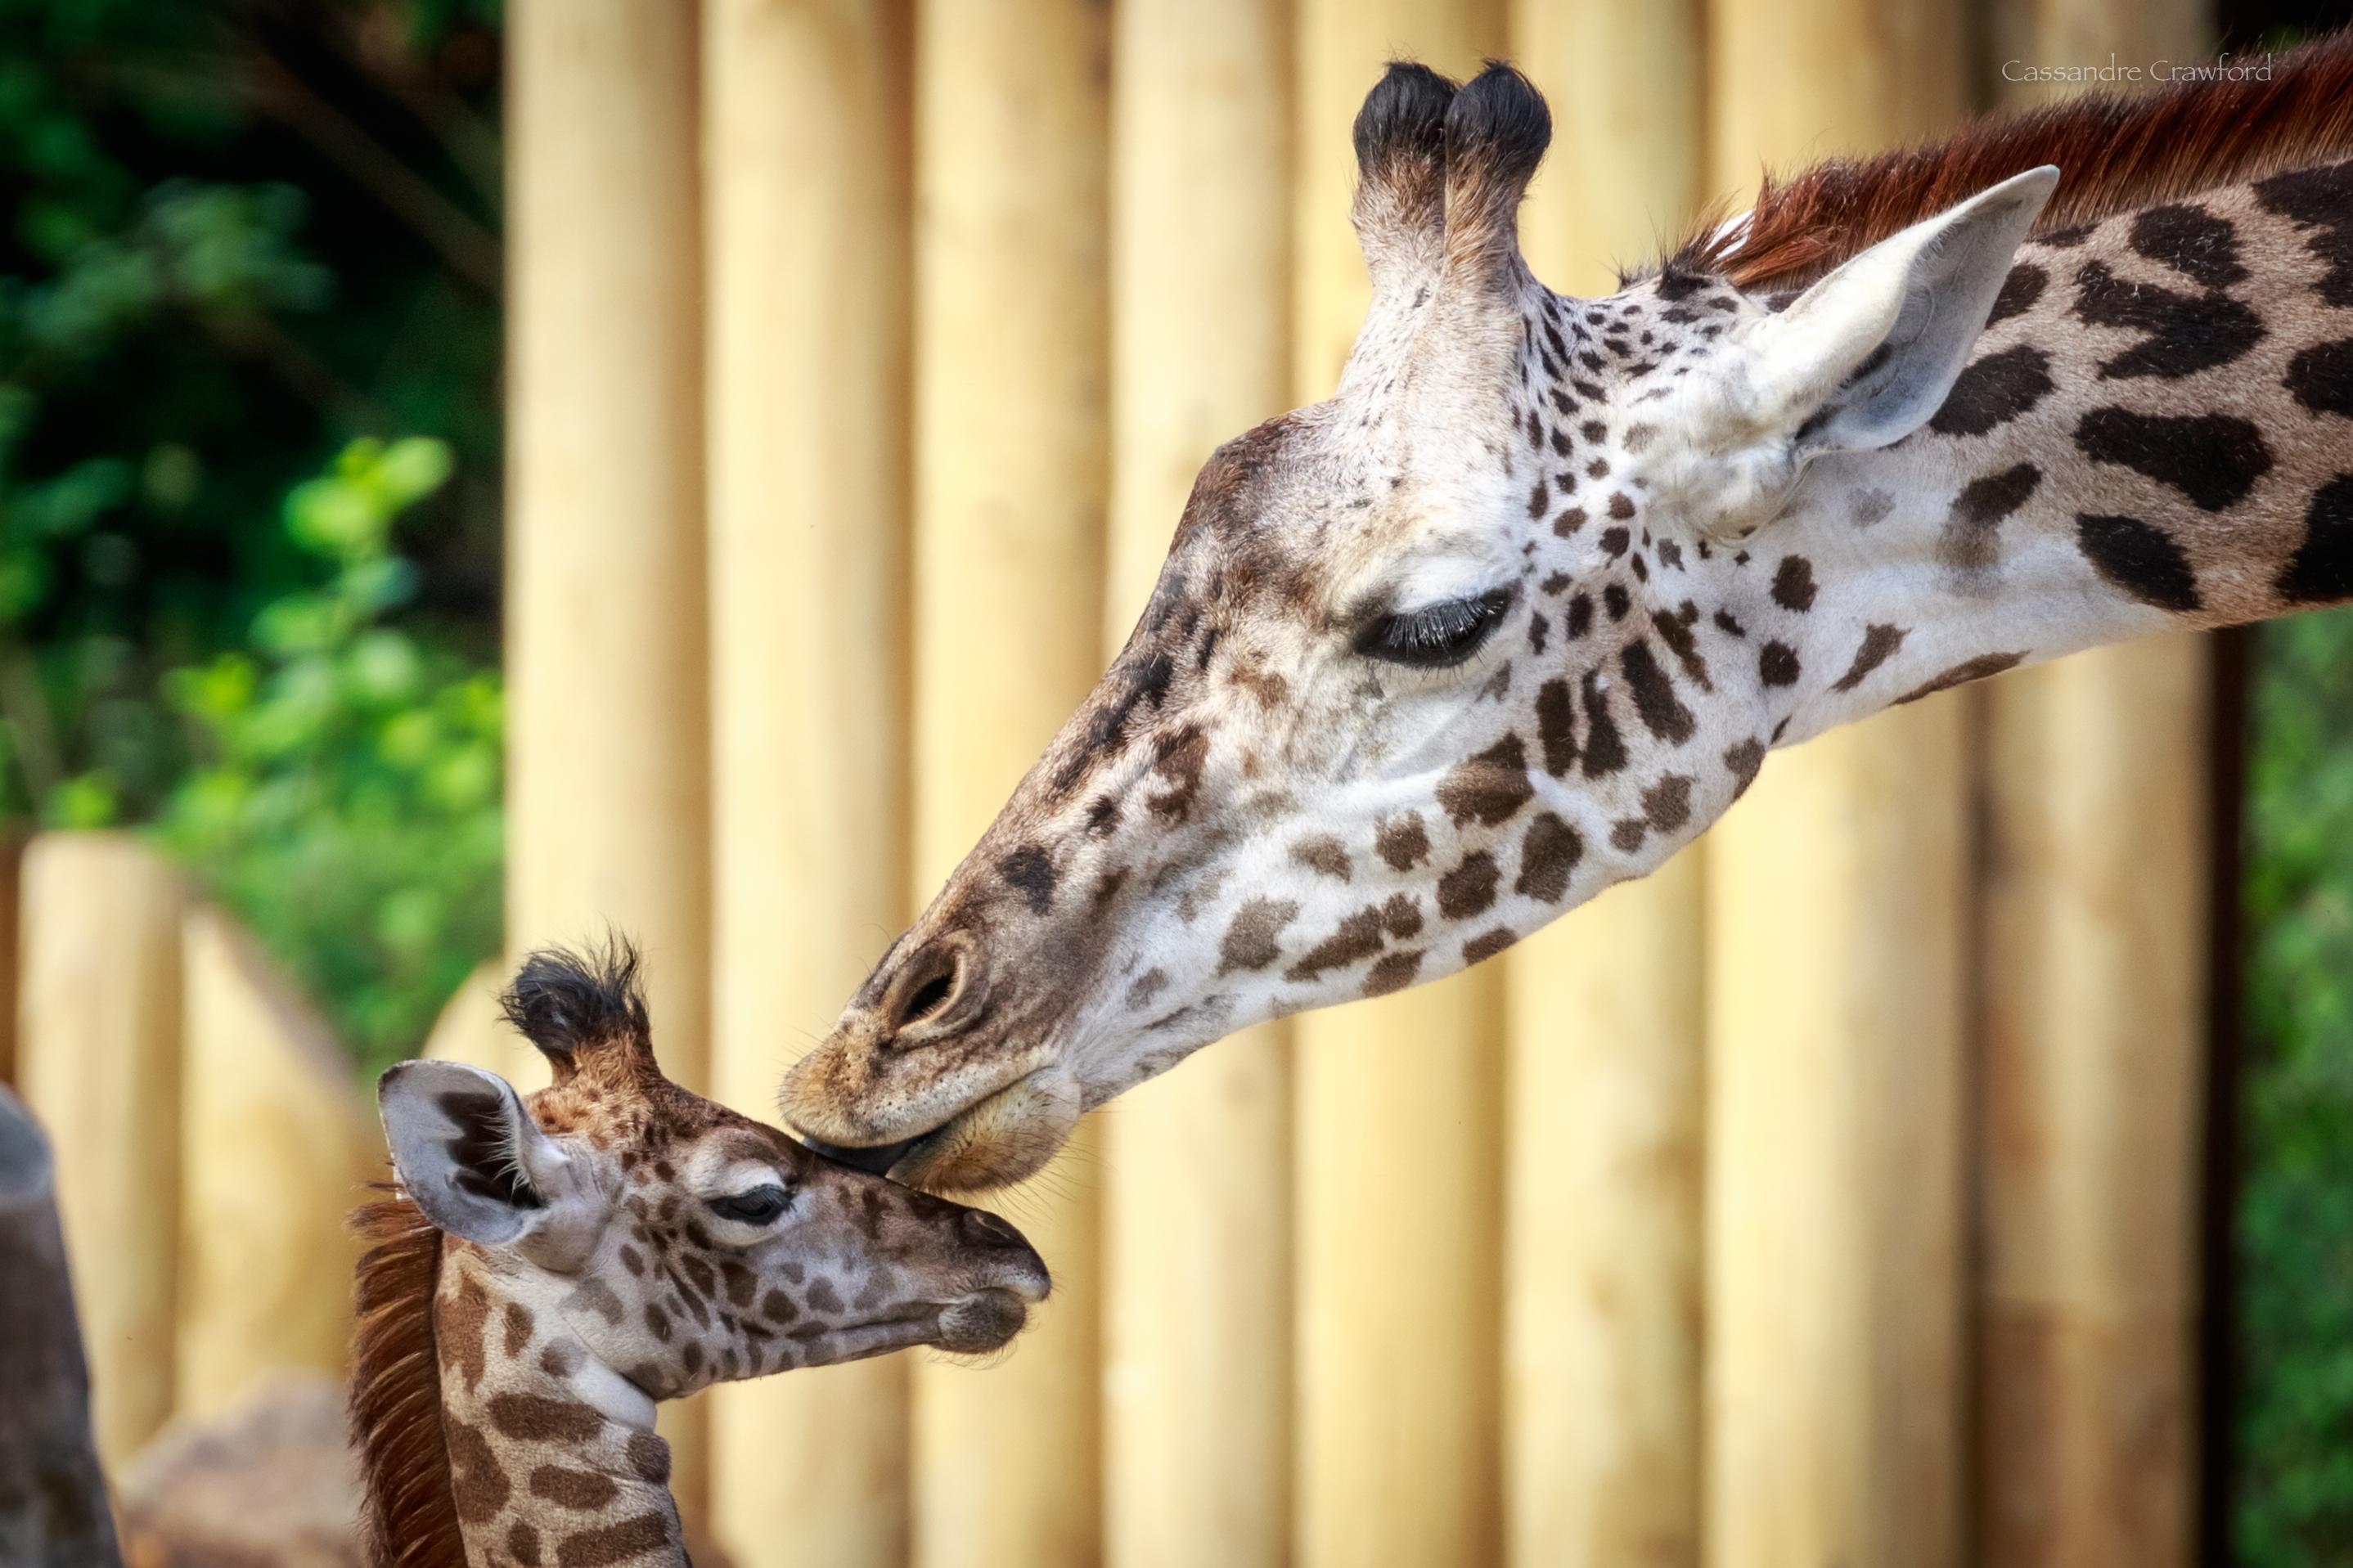 Mother Giraffe licking daughter